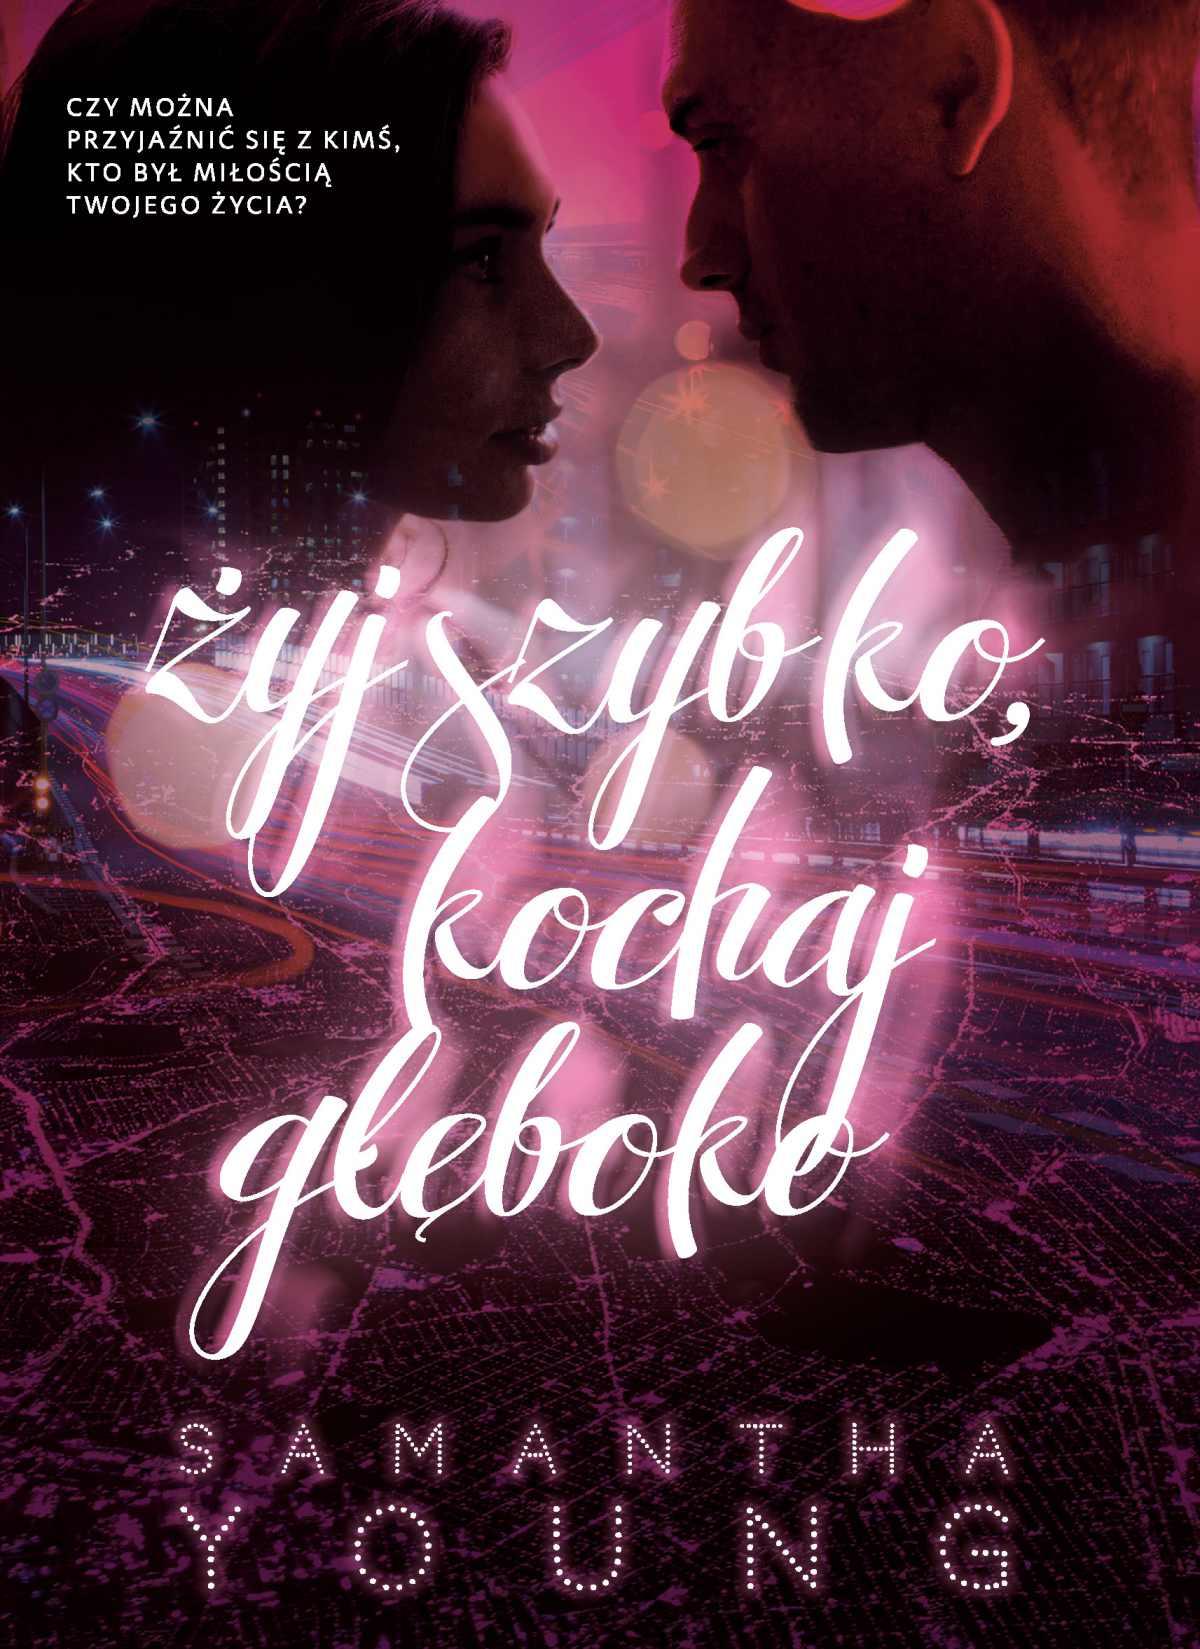 Żyj szybko, kochaj głęboko - Ebook (Książka EPUB) do pobrania w formacie EPUB